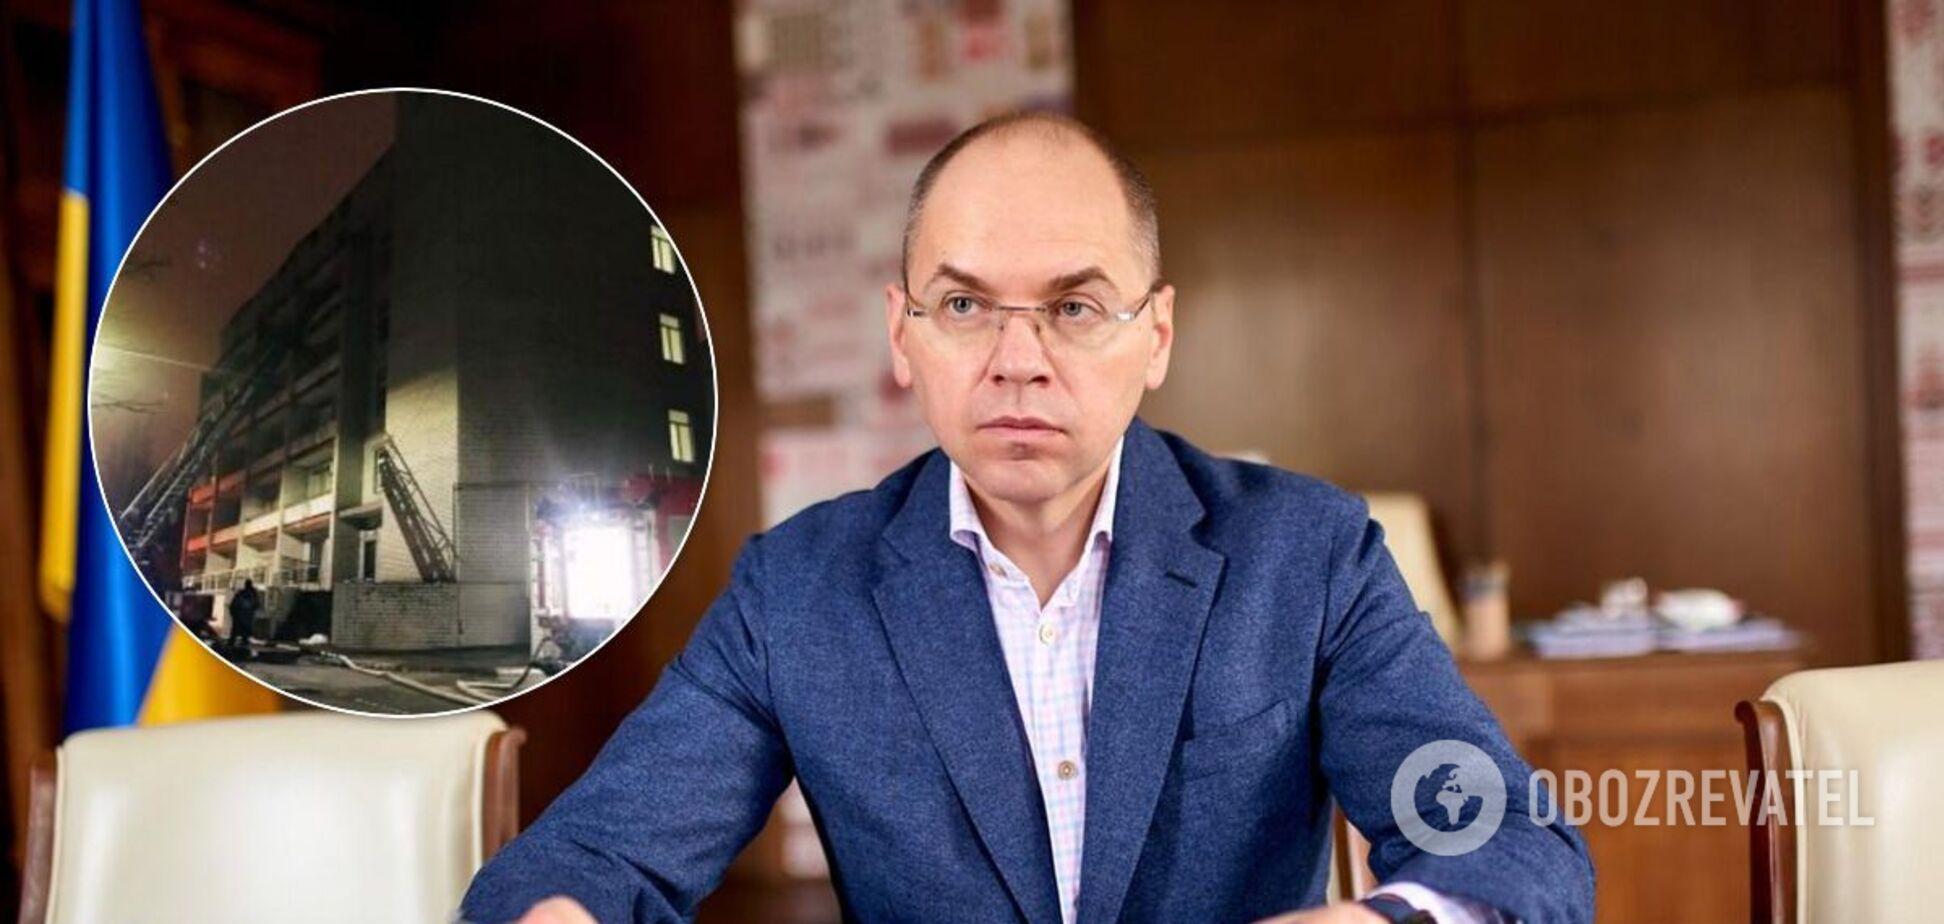 Степанов срочно вылетел в Запорожье из-за пожара в COVID-больнице